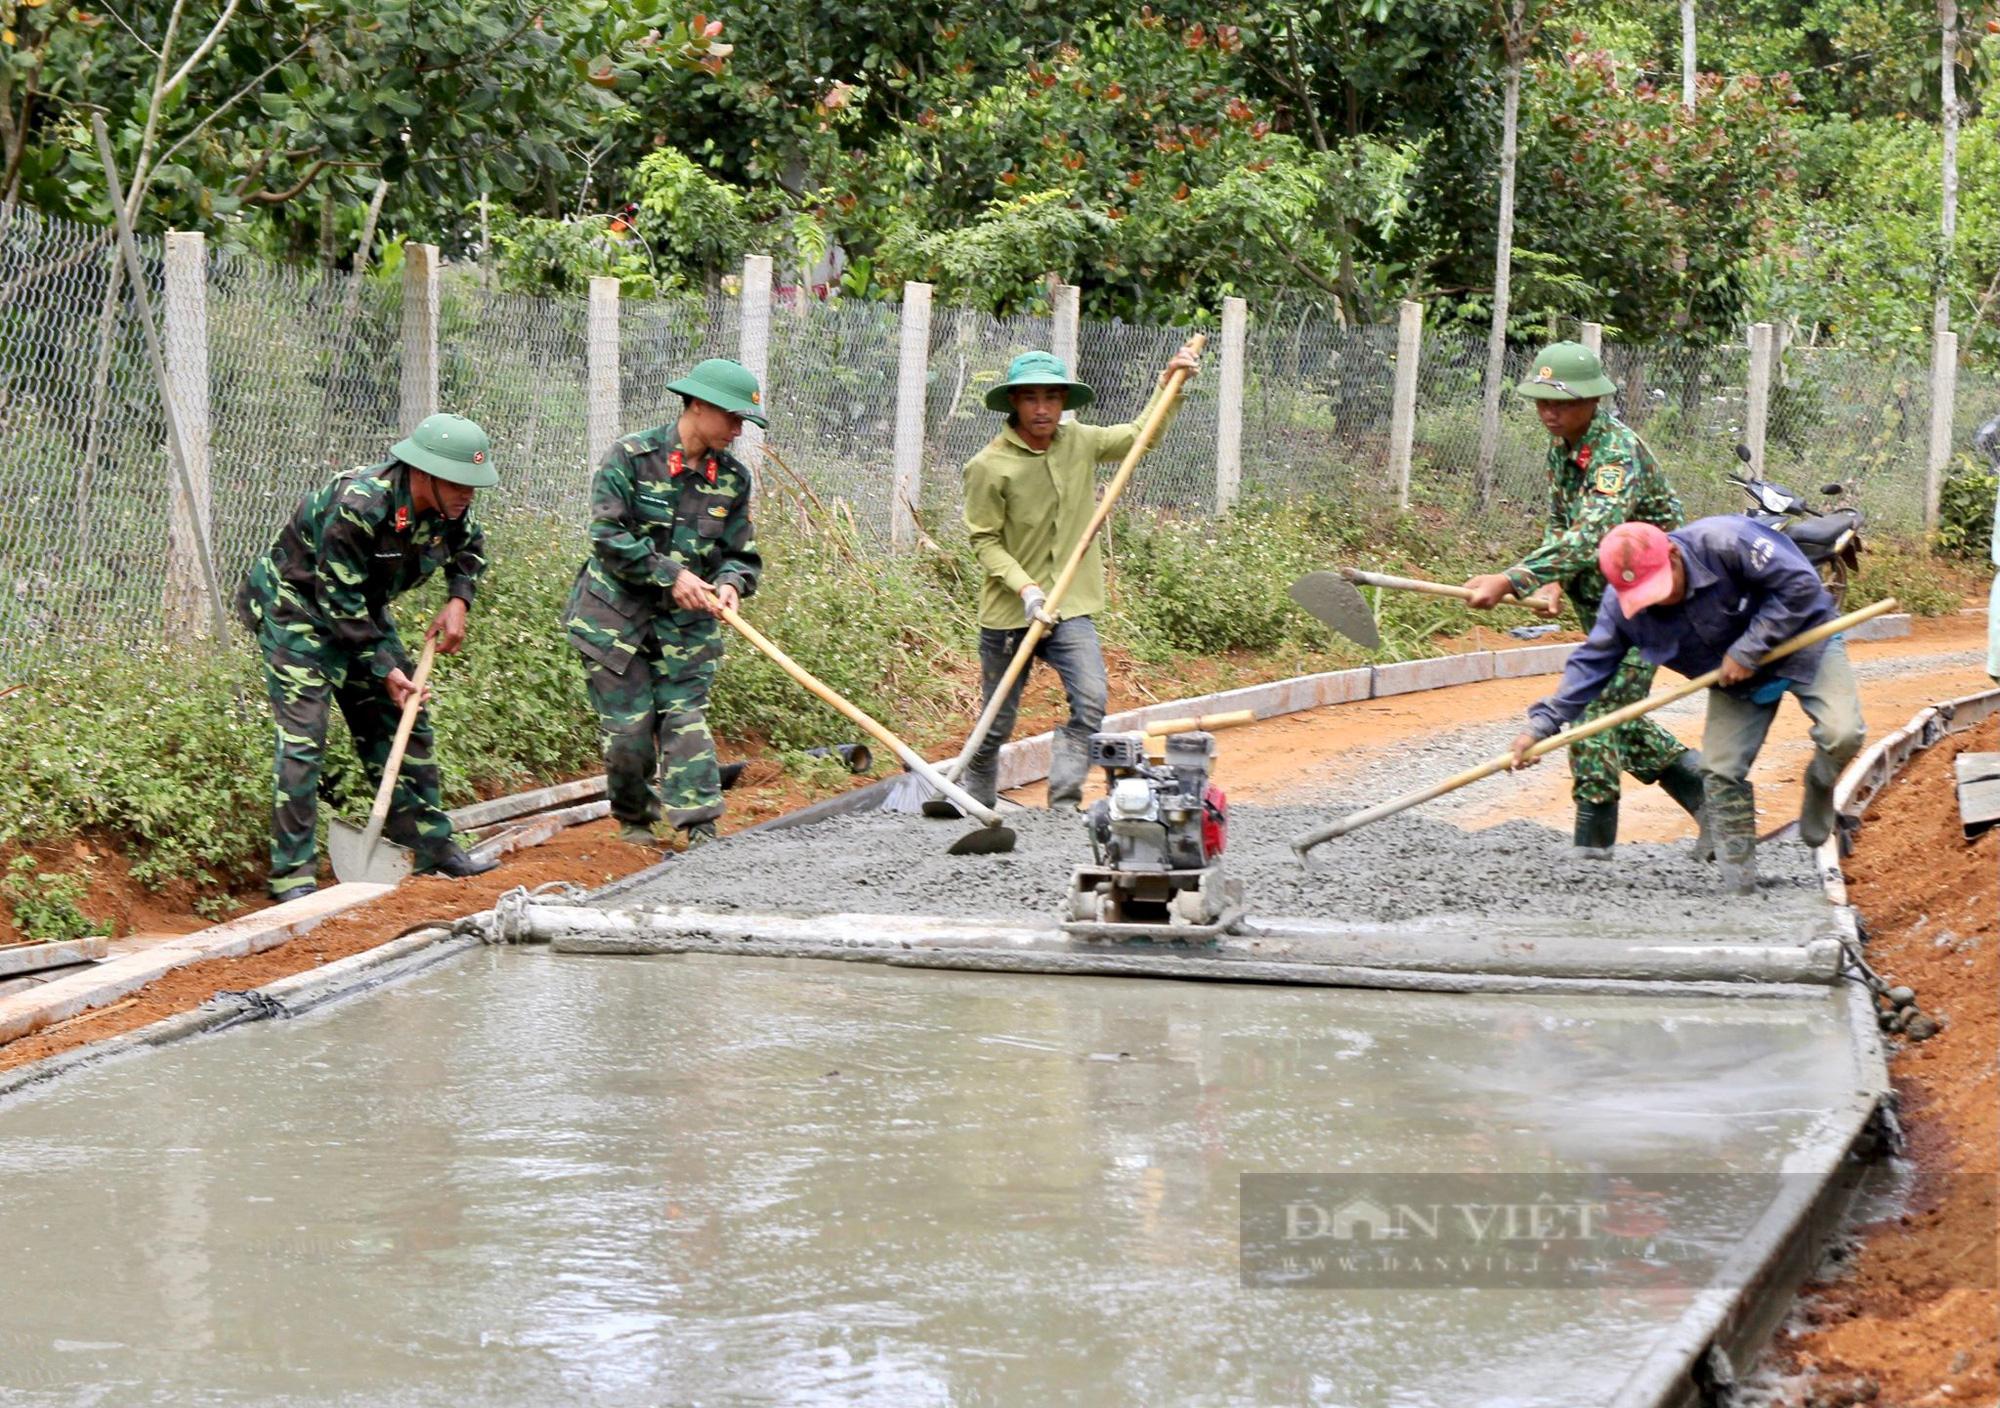 Người dân Đắk Nông nâng cao đời sống nhờ sự giúp sức của bộ đội - Ảnh 1.